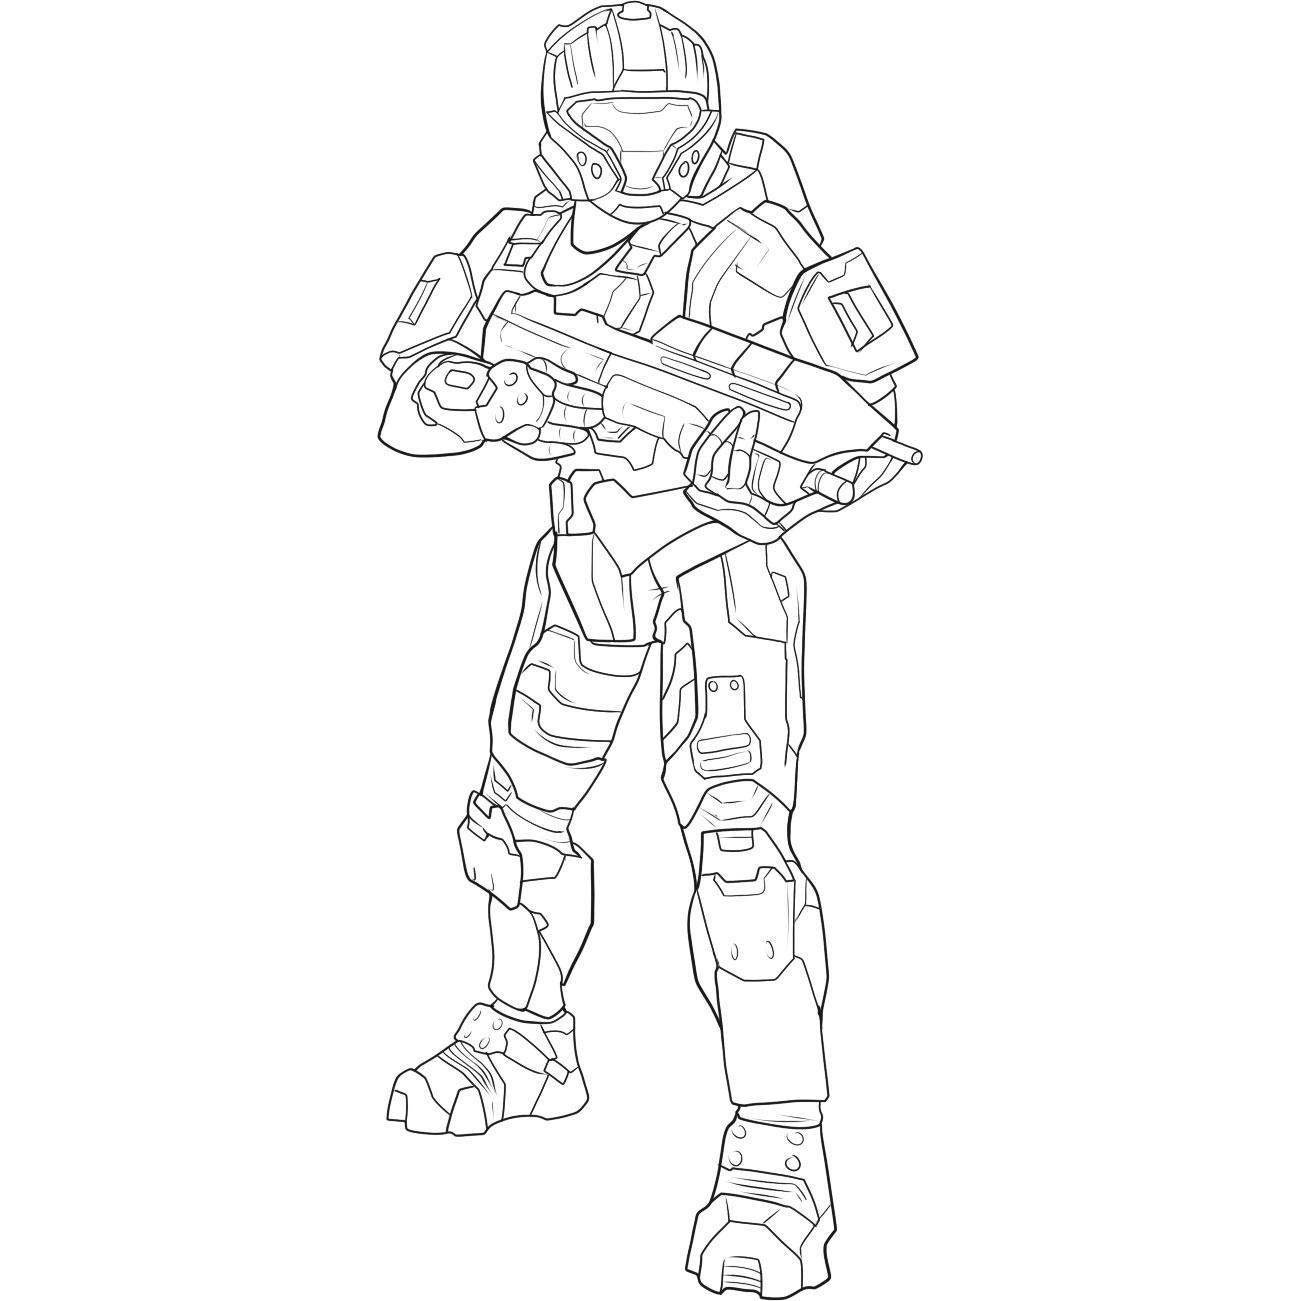 Halo 4 Master Chief Drawing At Getdrawings